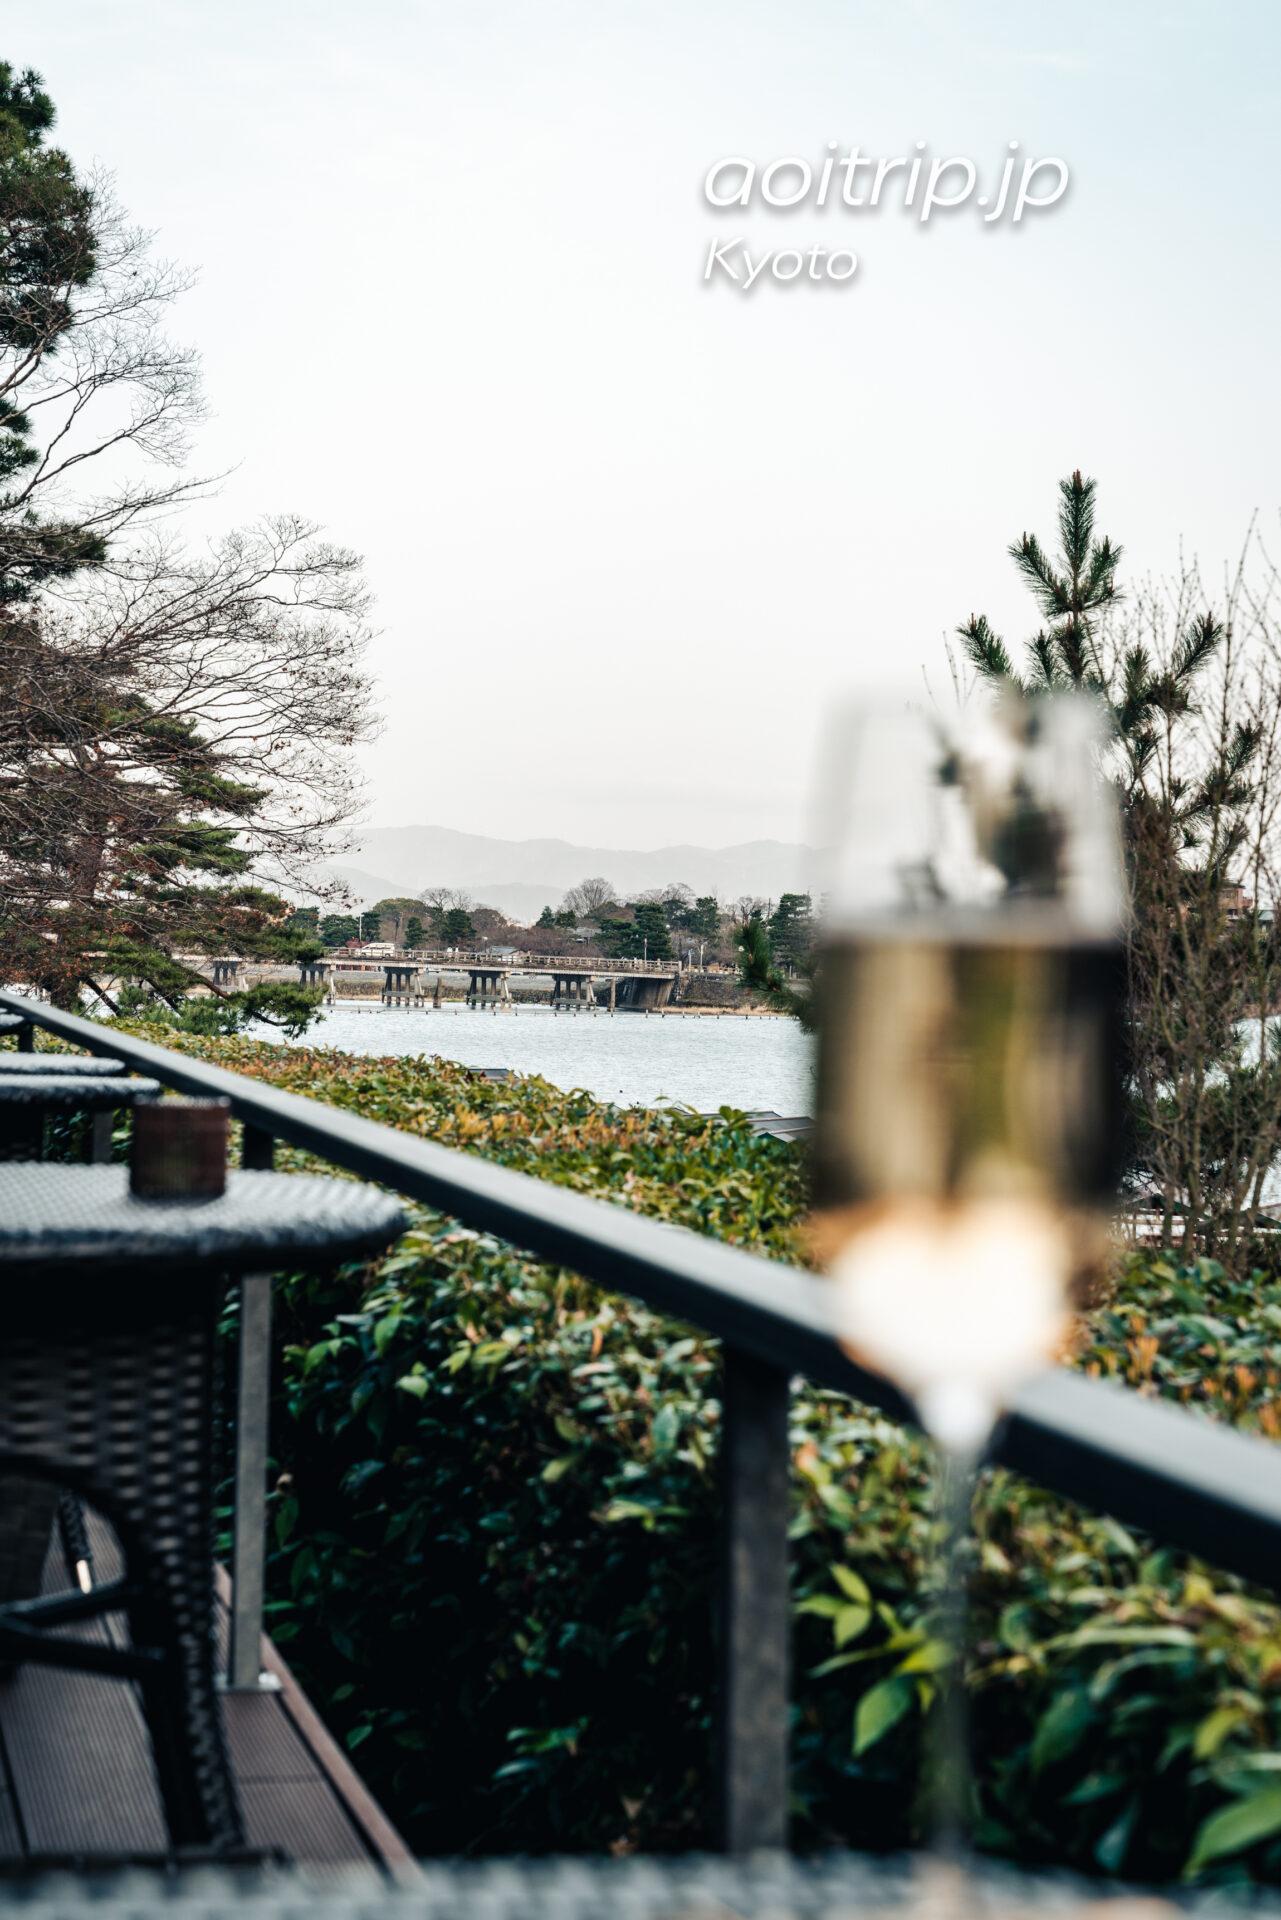 京都嵐山 茶寮八翠のシャンパン ディライトと渡月橋